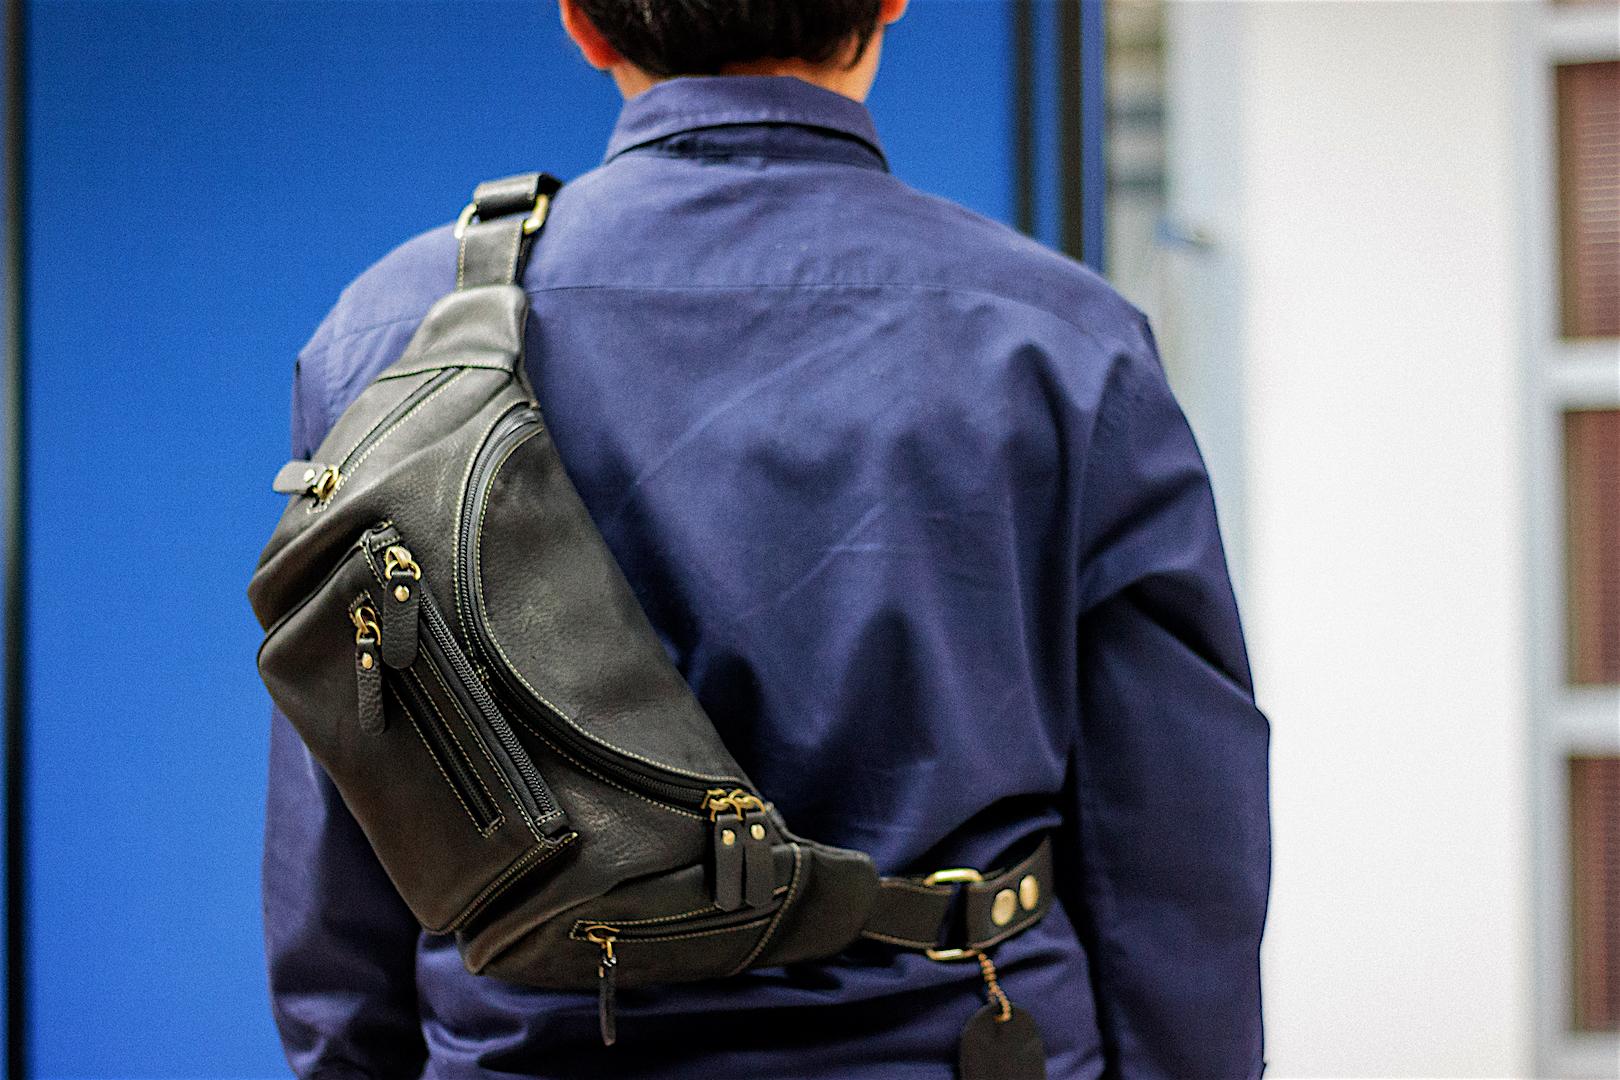 กระเป๋าคาดเอว กระเป๋าคาดอก กระเป๋าหนังแท้สำหรับผู้ชาย สามารถใส่ไอแพท ใส่ปืนและอุปกรณ์ต่างๆได้